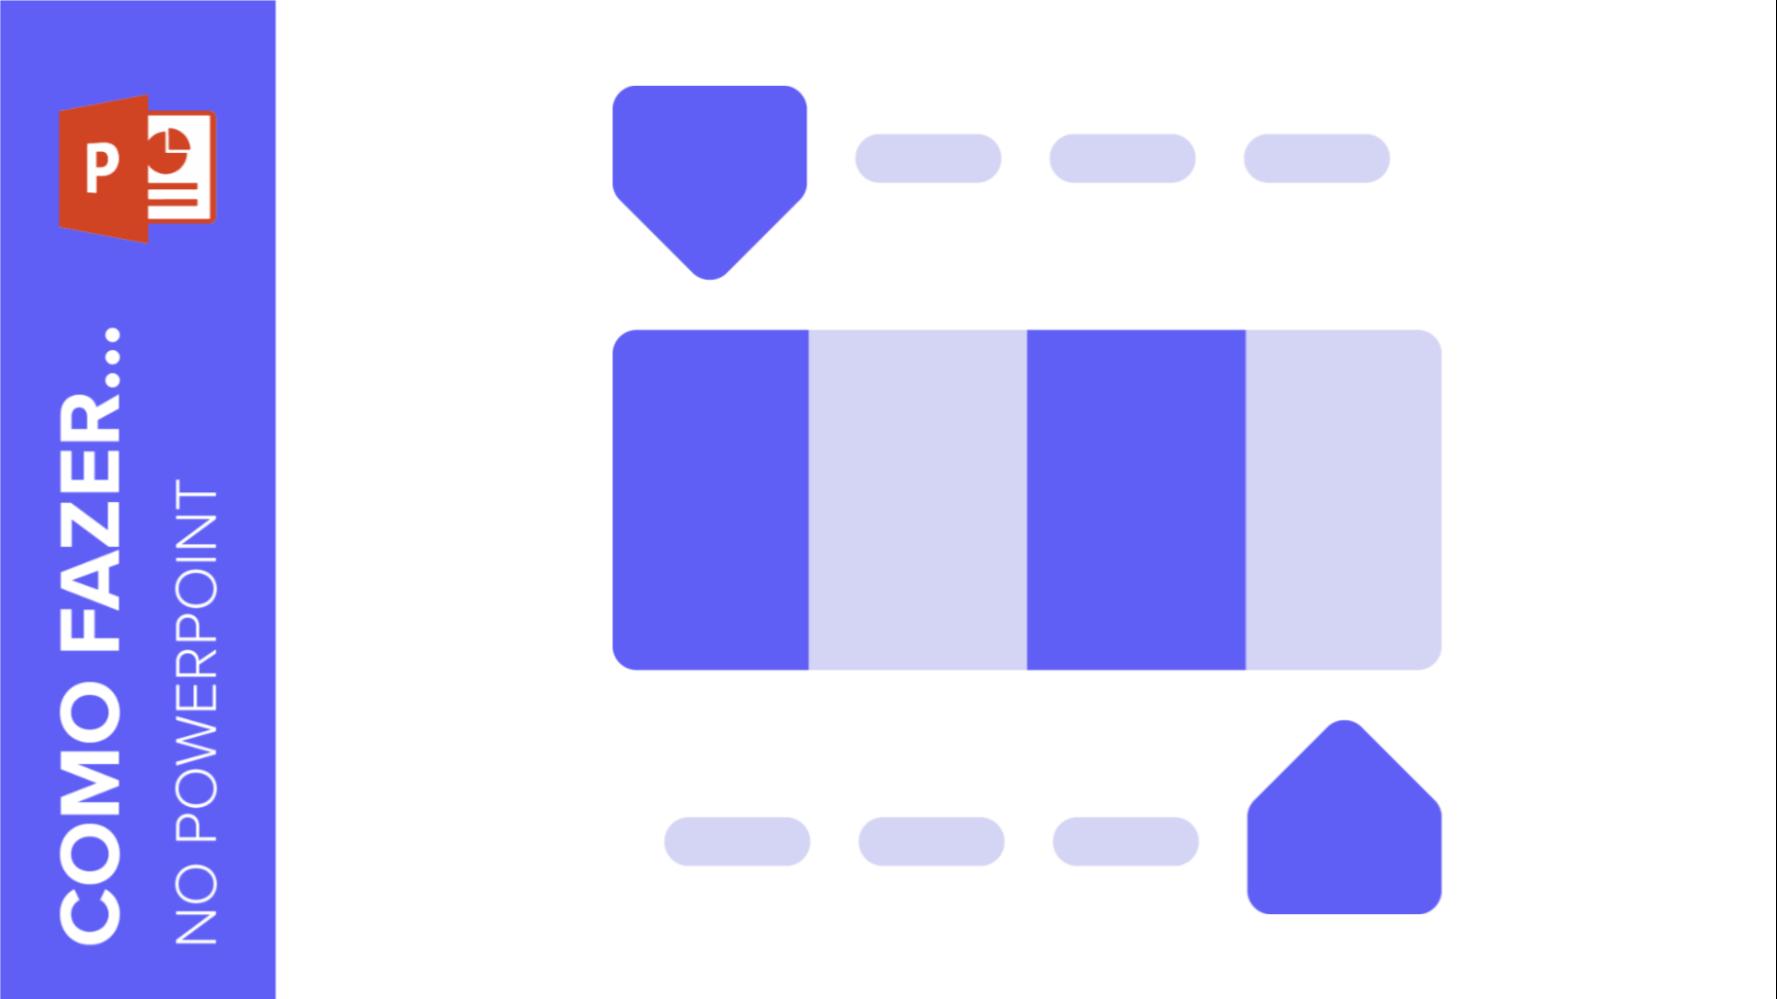 Como alterar cores em uma apresentação do PowerPoint | Tutoriais e Dicas de apresentação